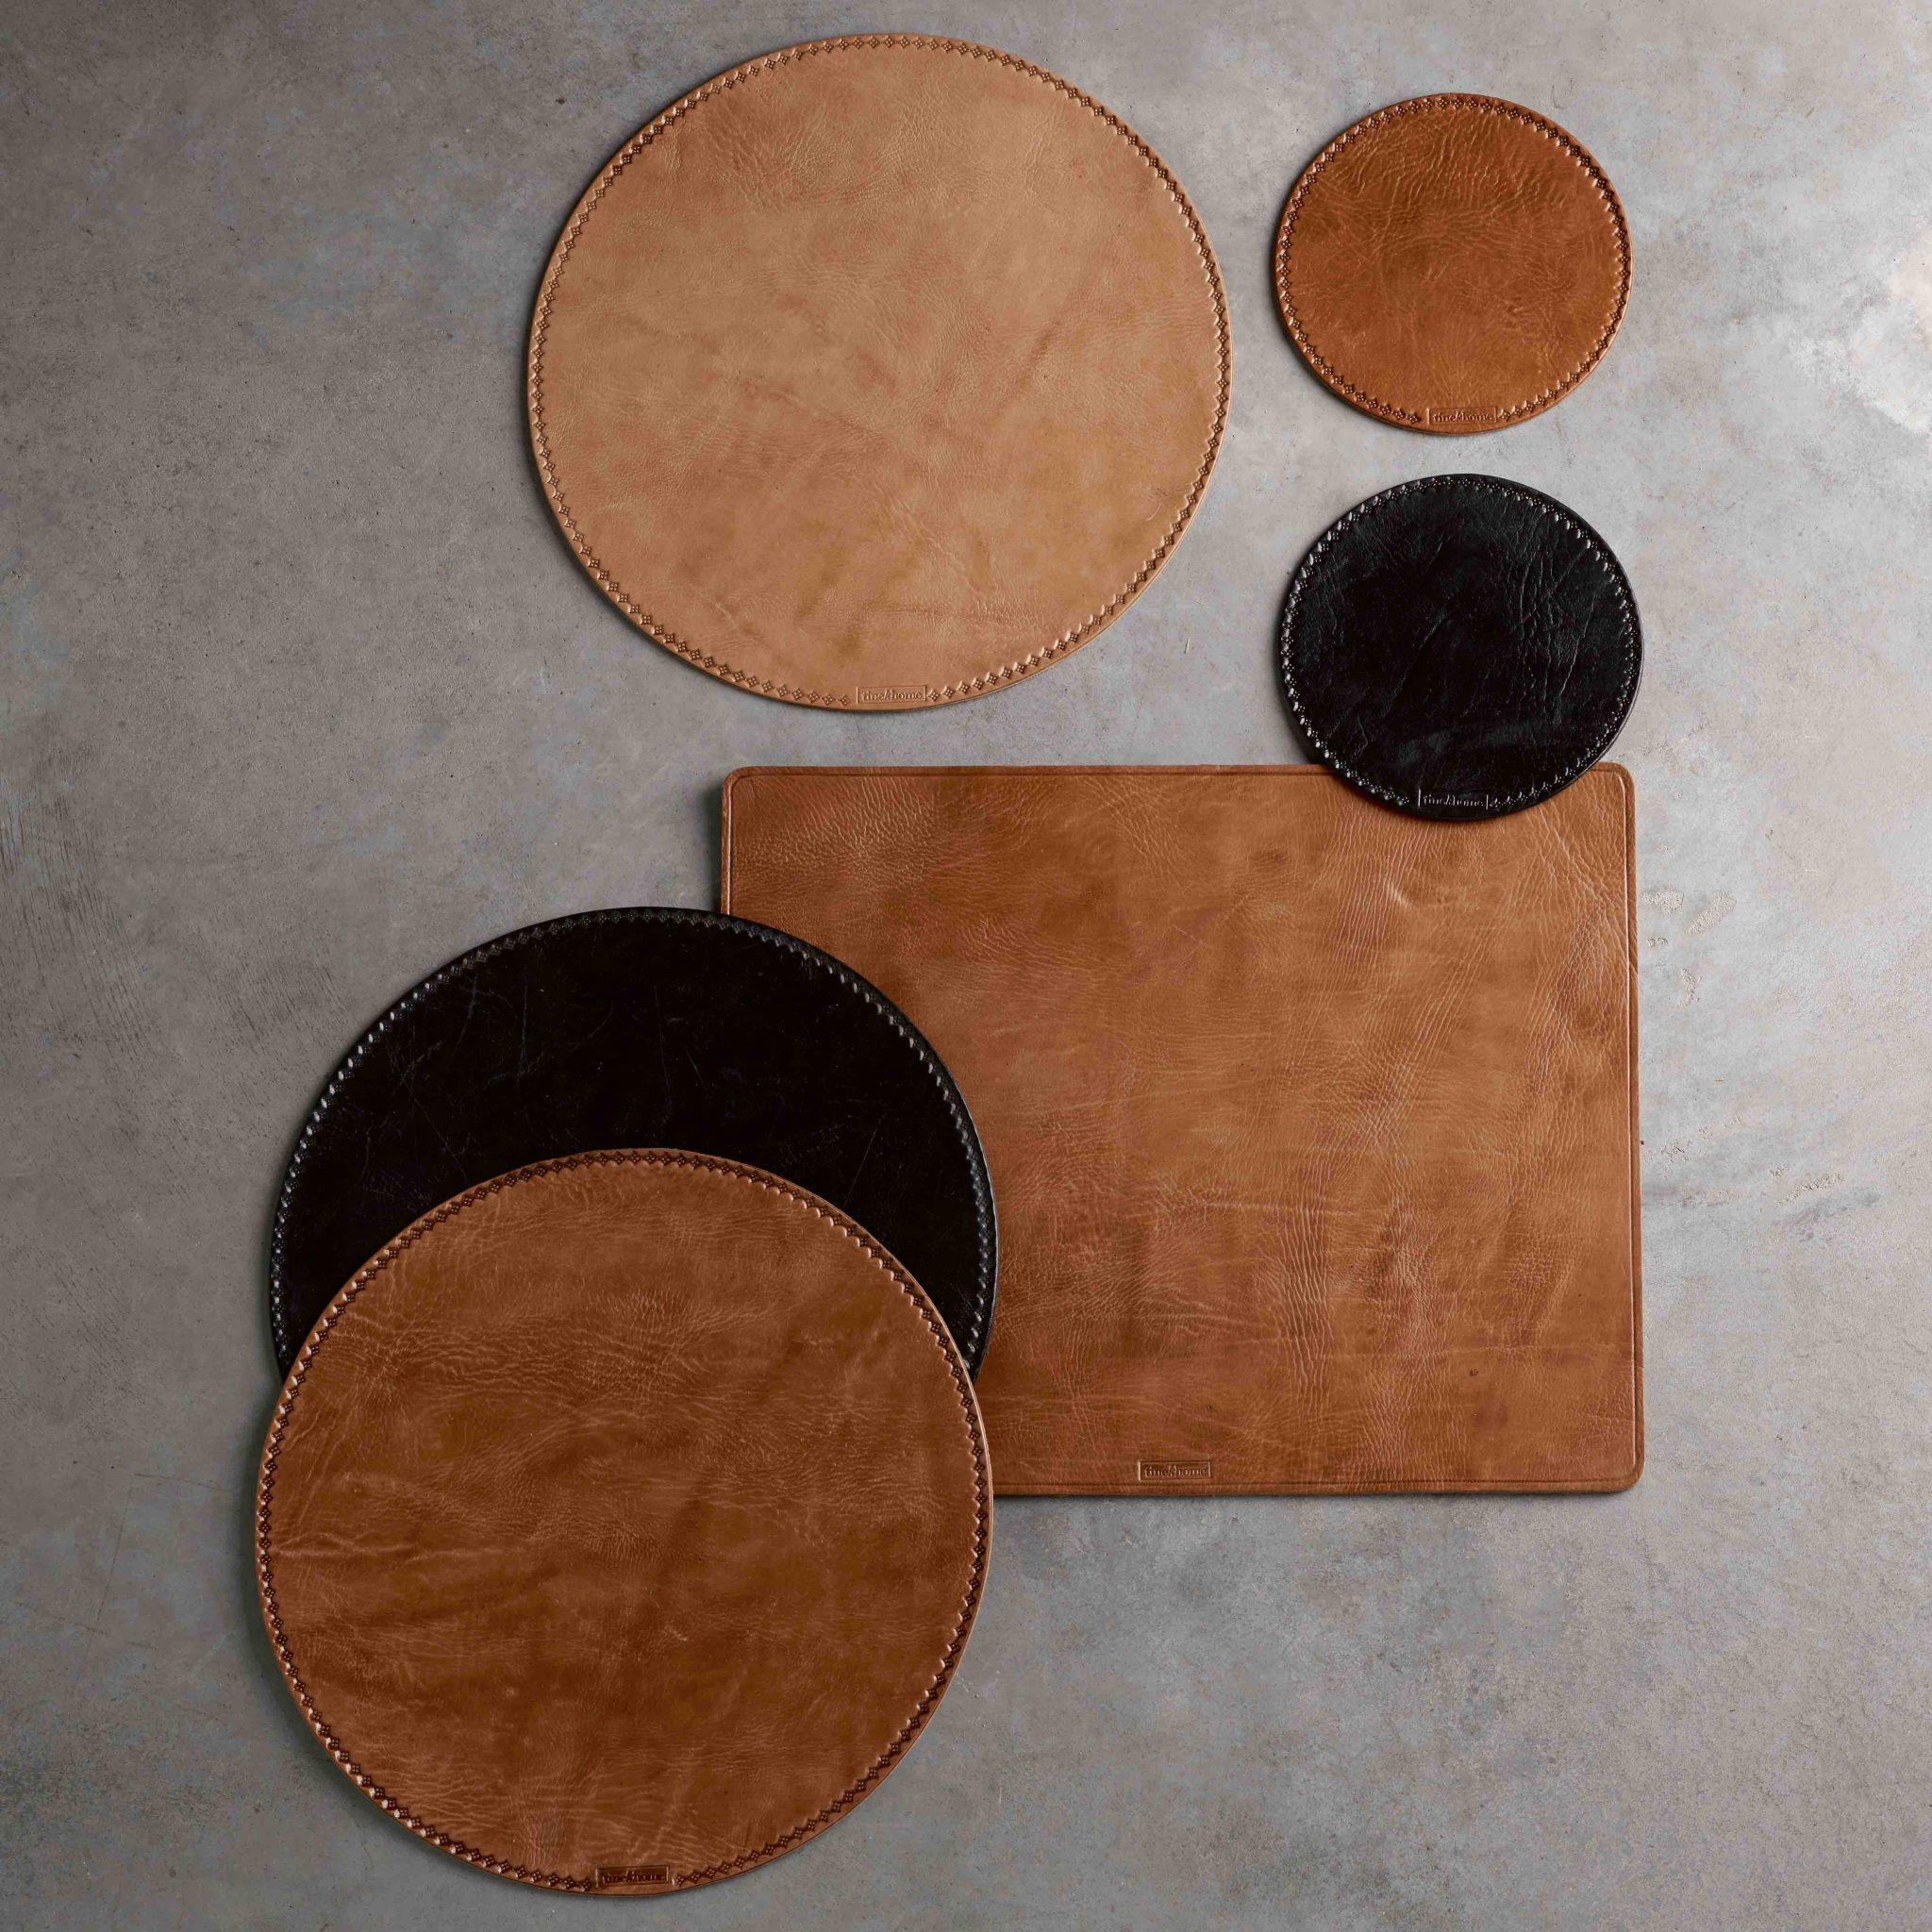 brun matte - Spisebrikke i skinn - Brun